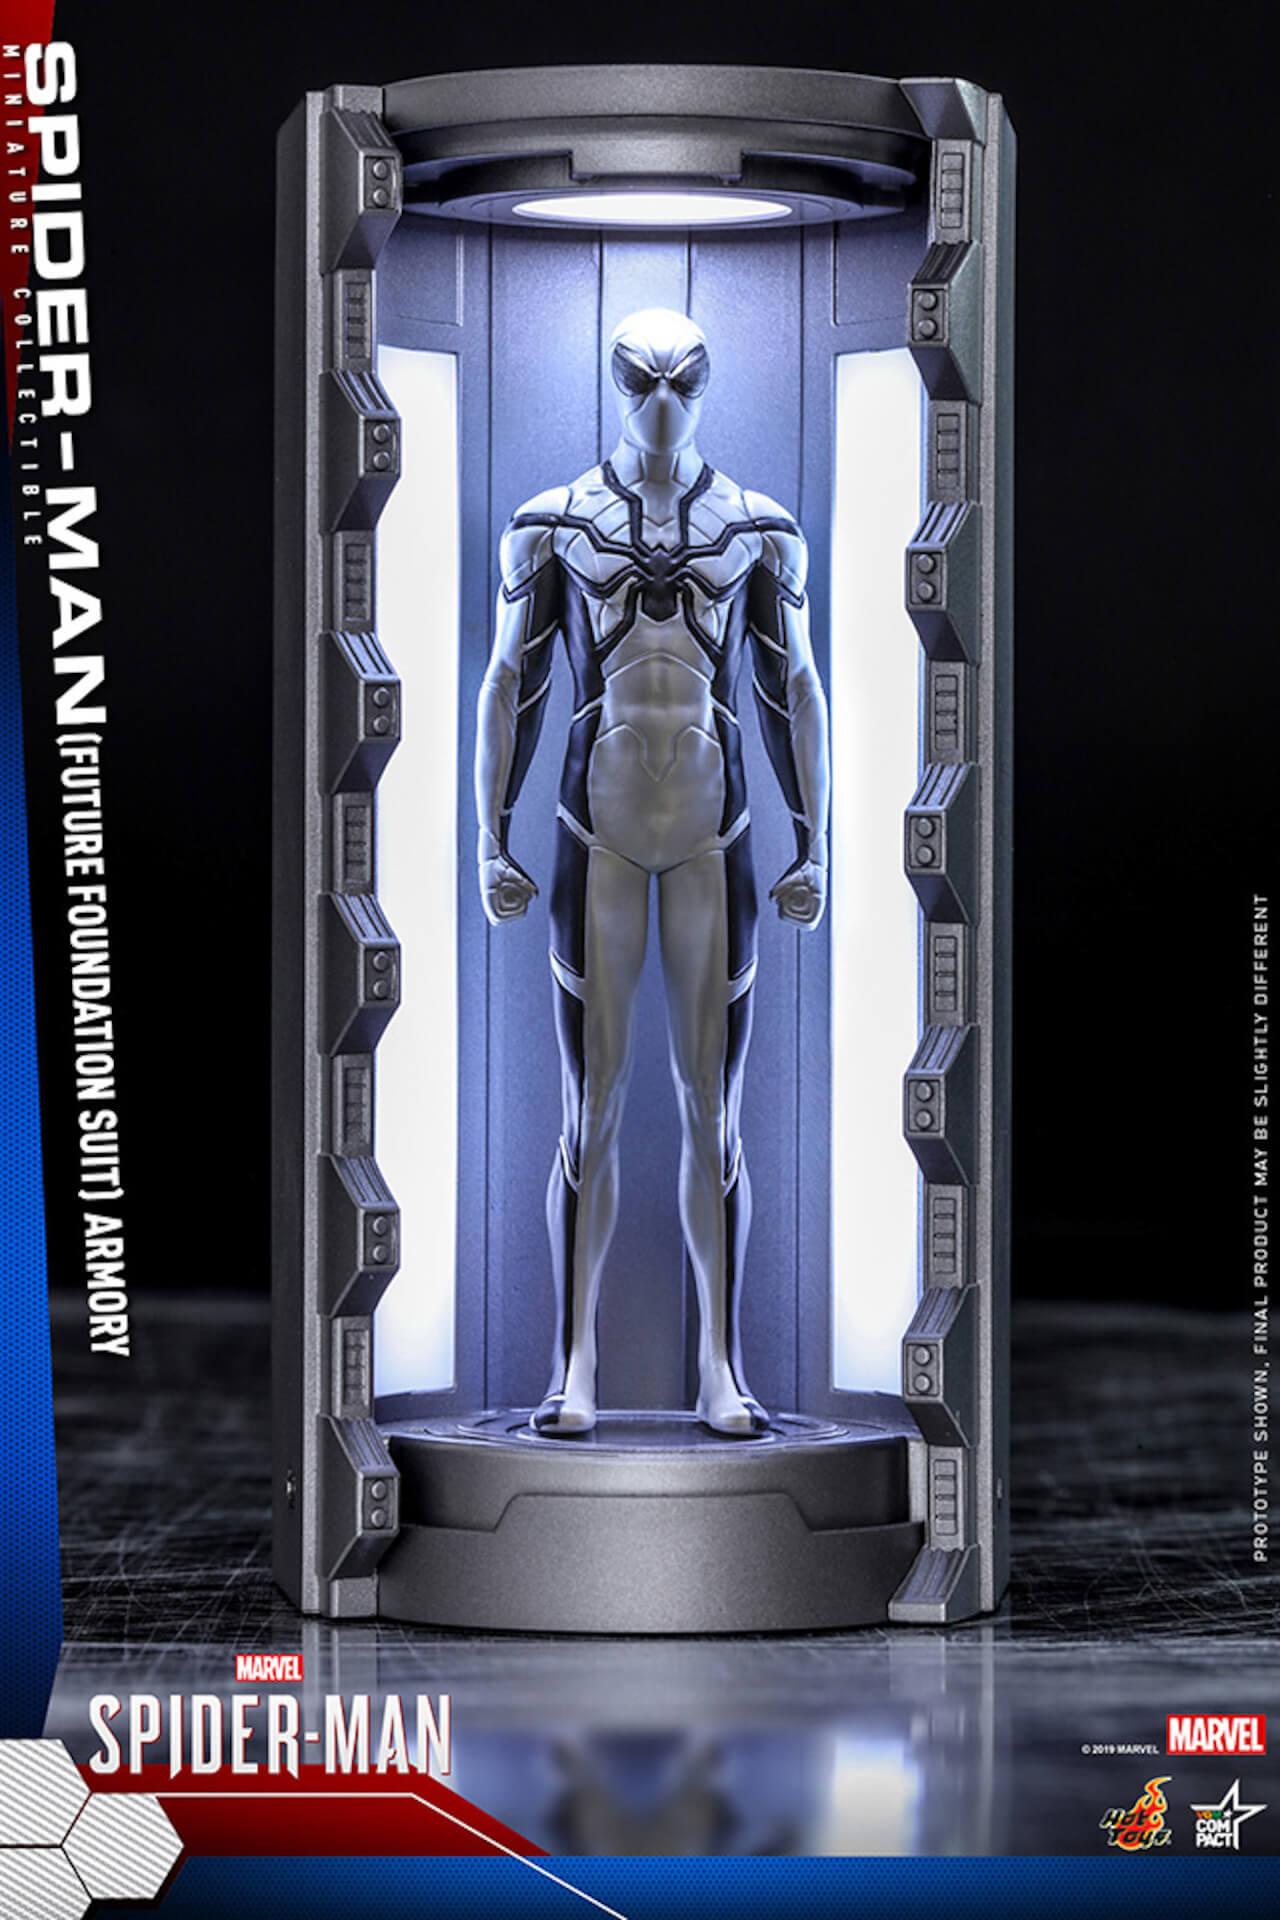 6つのスパイダーマン・スーツが勢ぞろい!大人気PS4用ゲームソフト『Marvel's Spider-Man』からミニチュア・フィギュアが登場 art200124_spiderman_hottoys_4